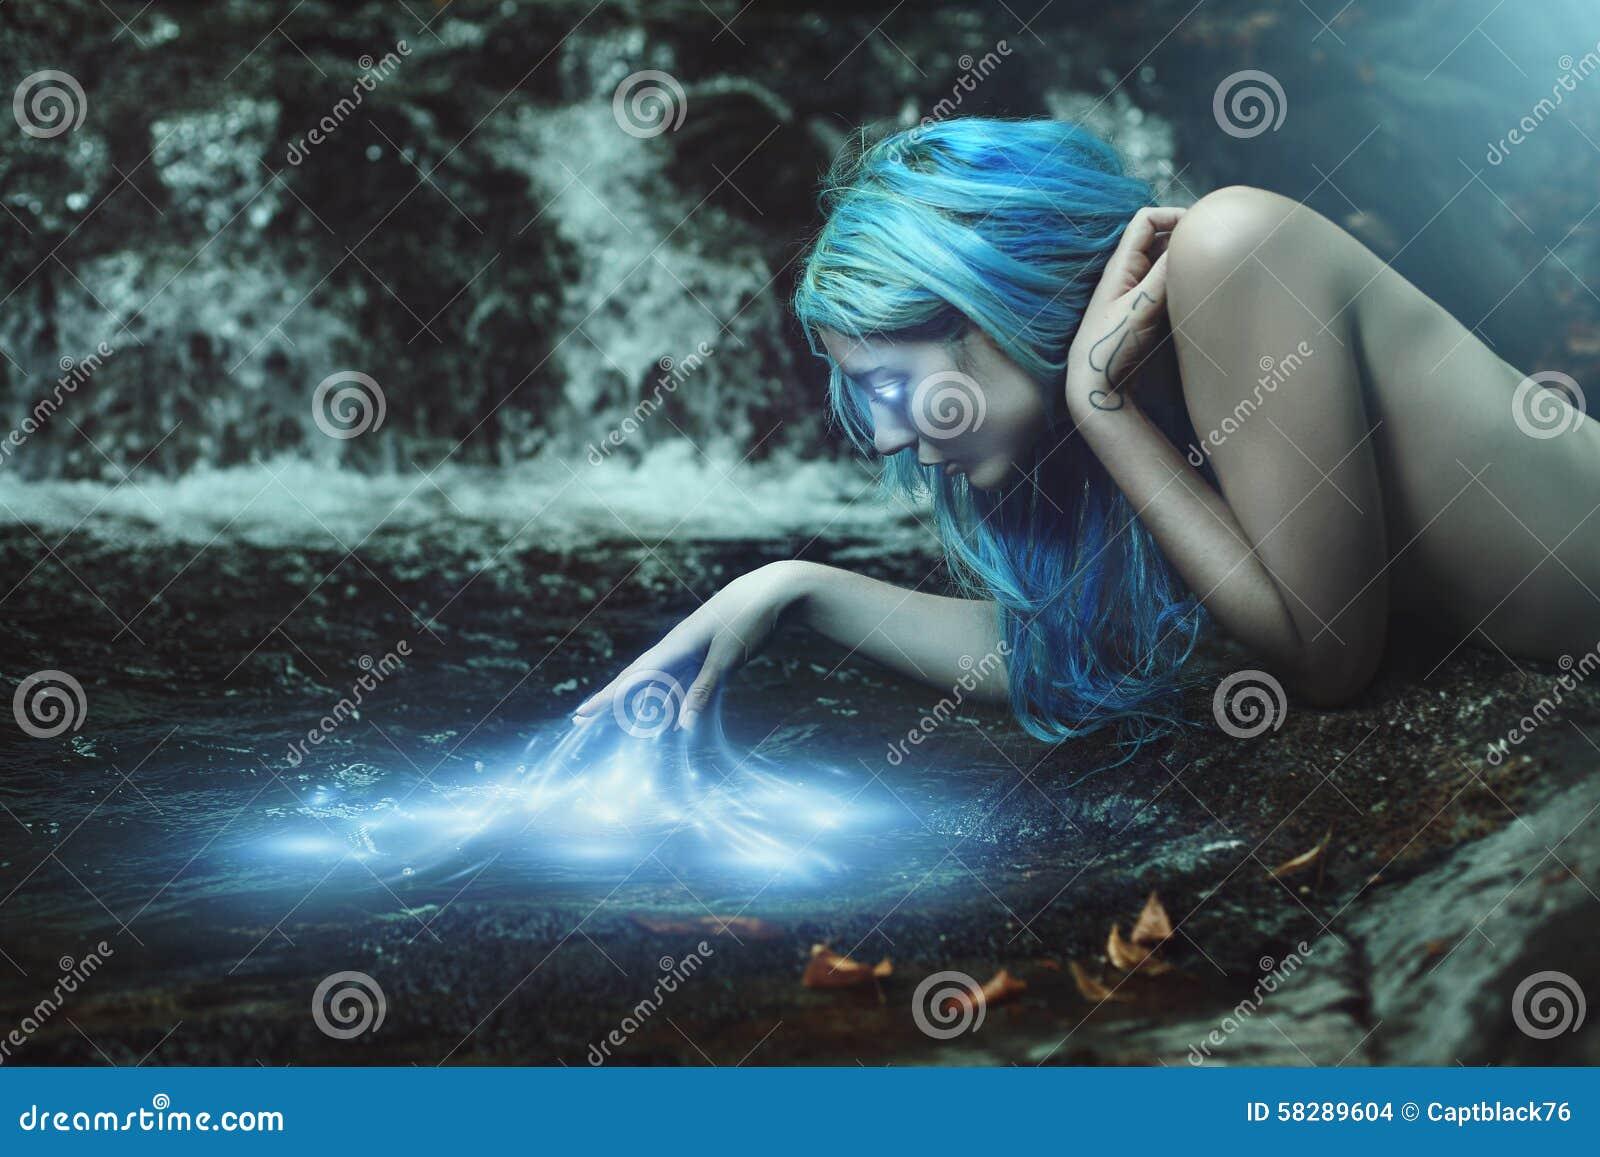 Ancient water magic